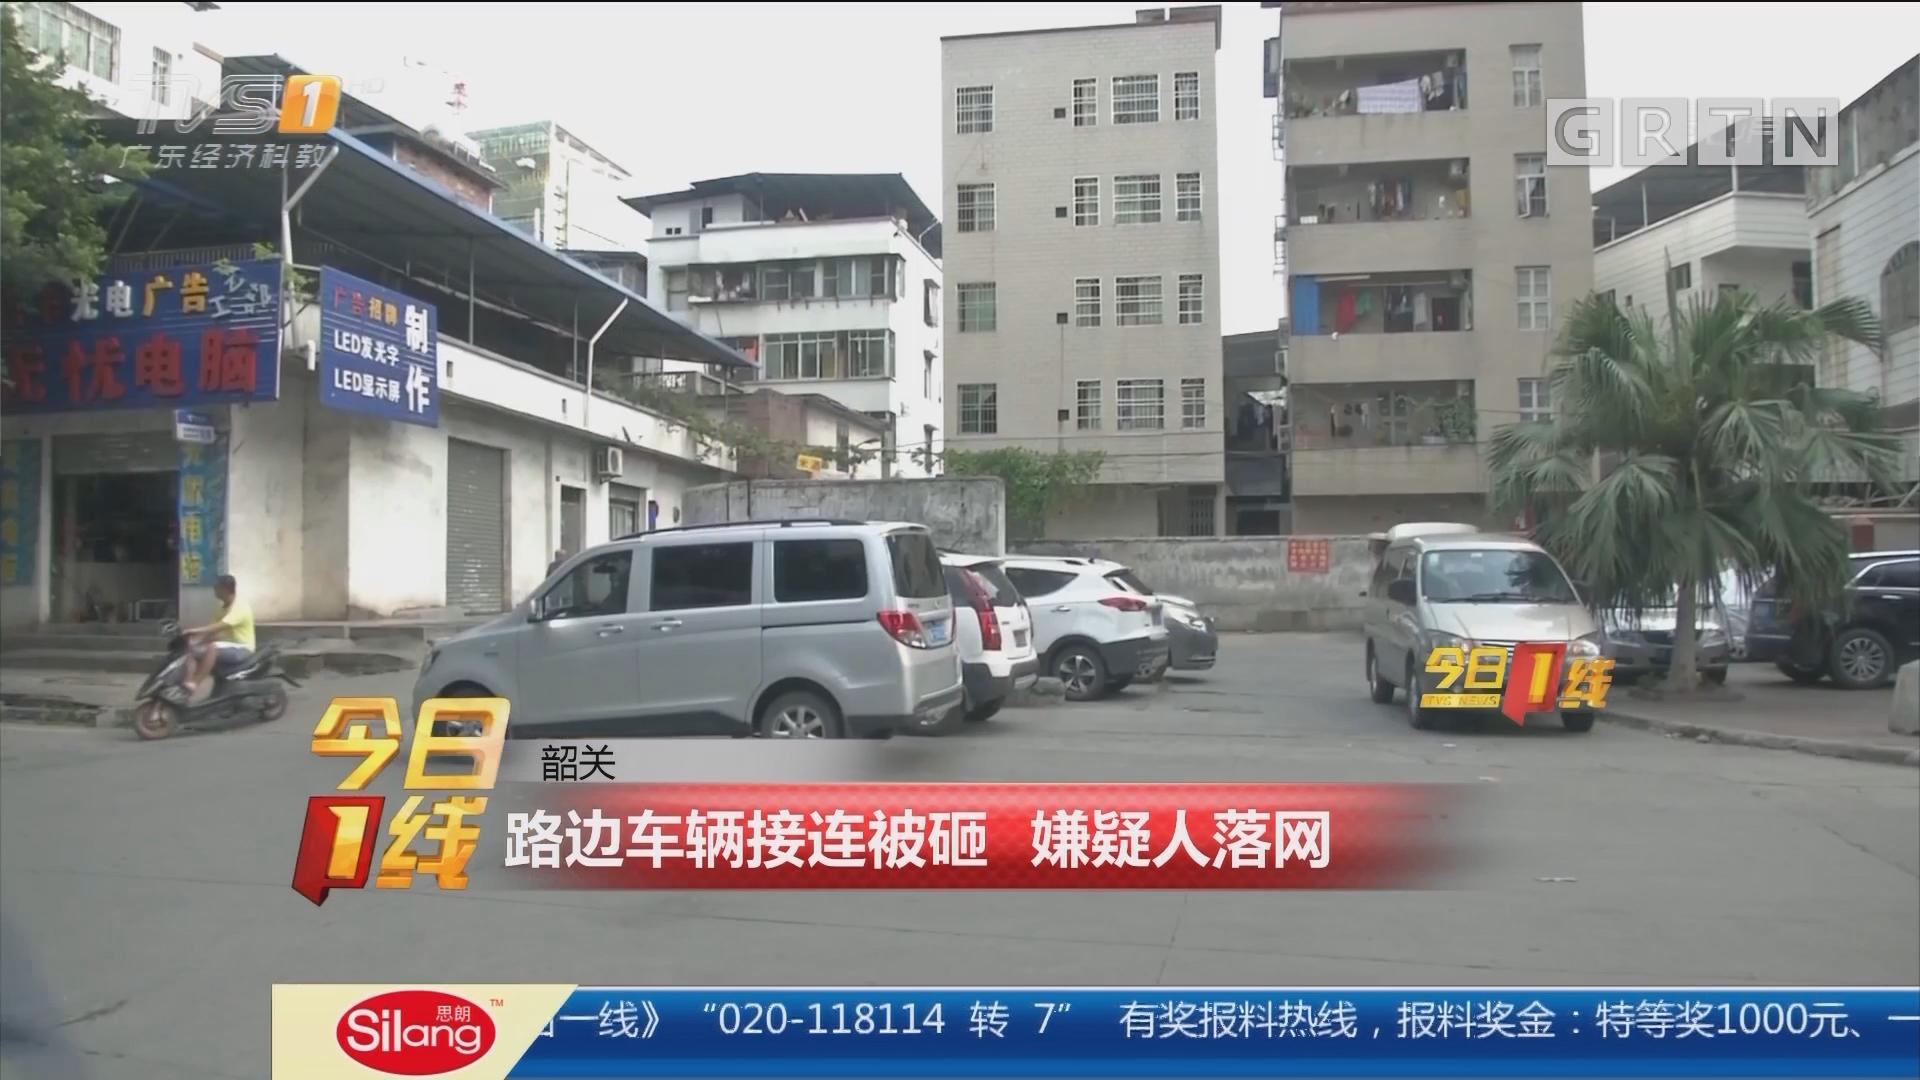 韶关:路边车辆接连被砸 嫌疑人落网